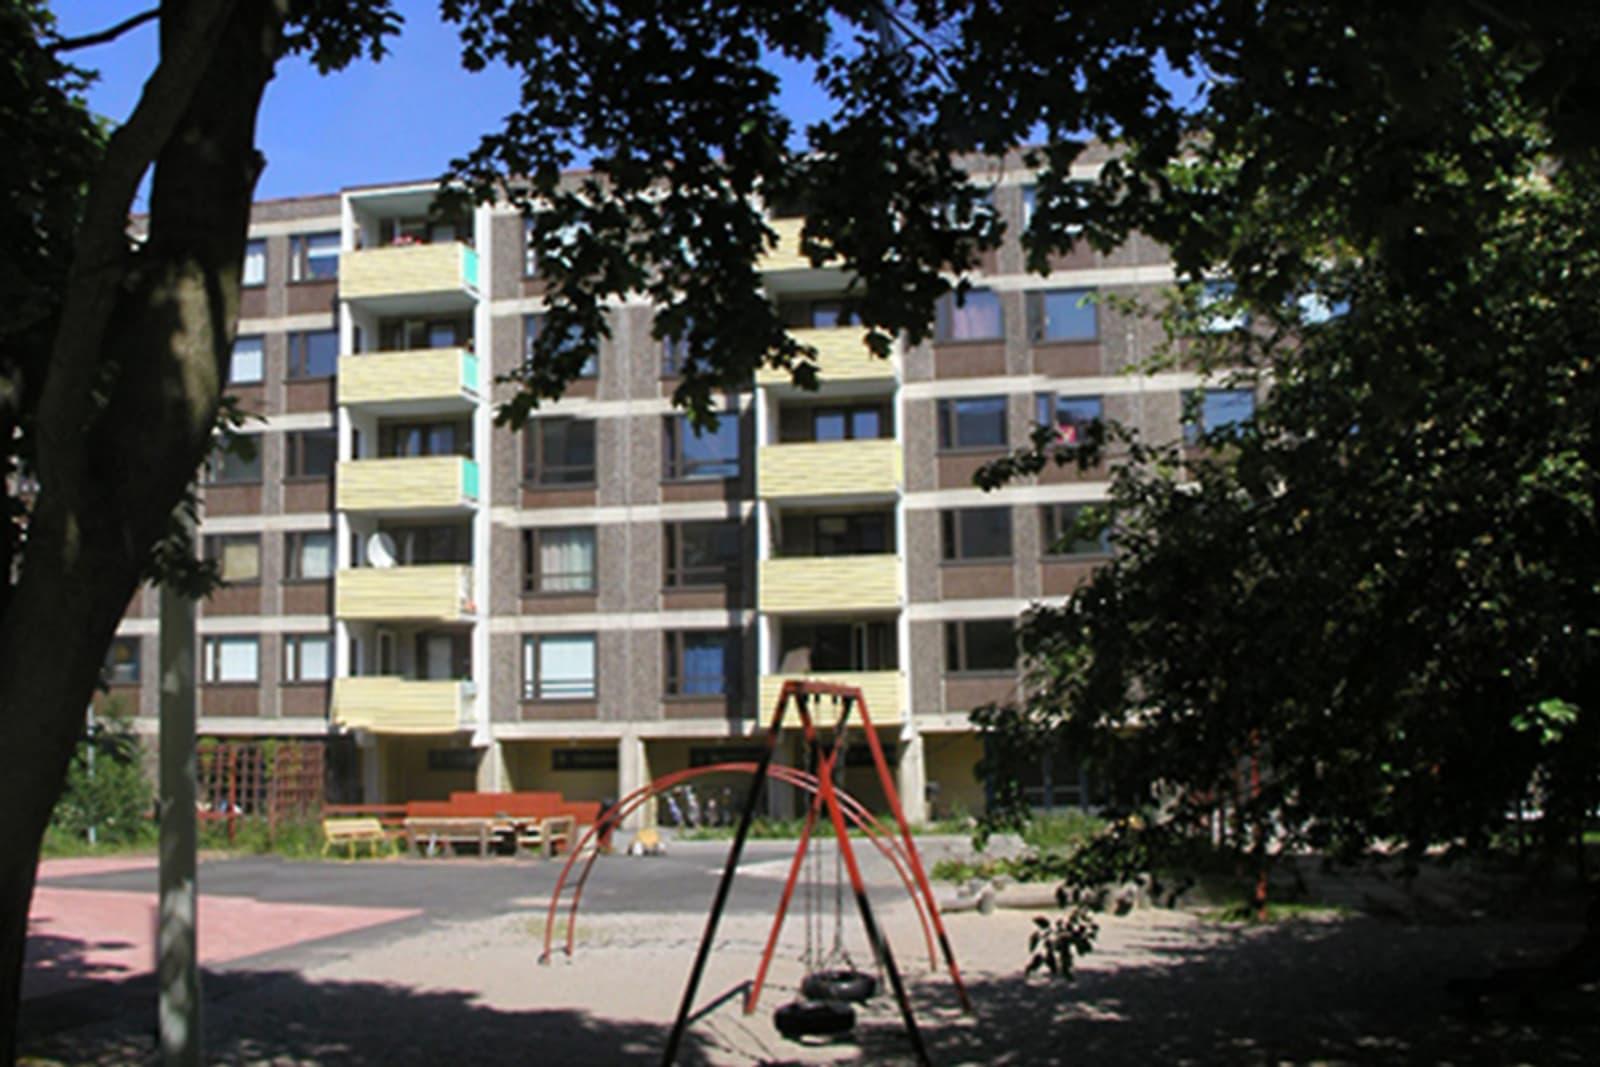 Helsinki, Itä-Pasila, Opastinsilta 1